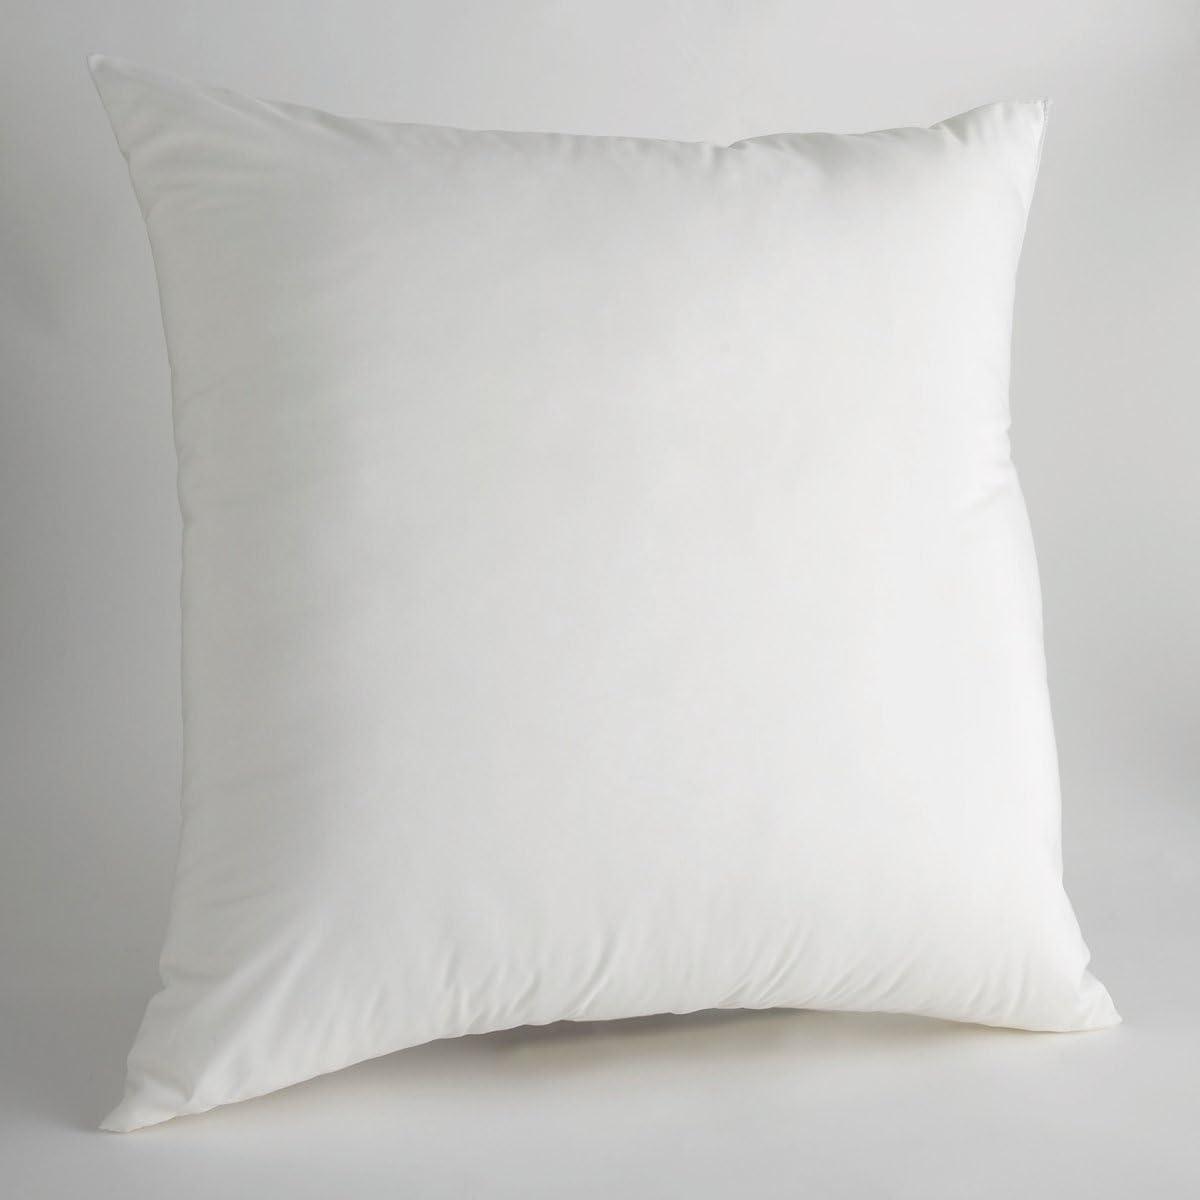 Dodo Extra Firm Pillow Suprelle Memory